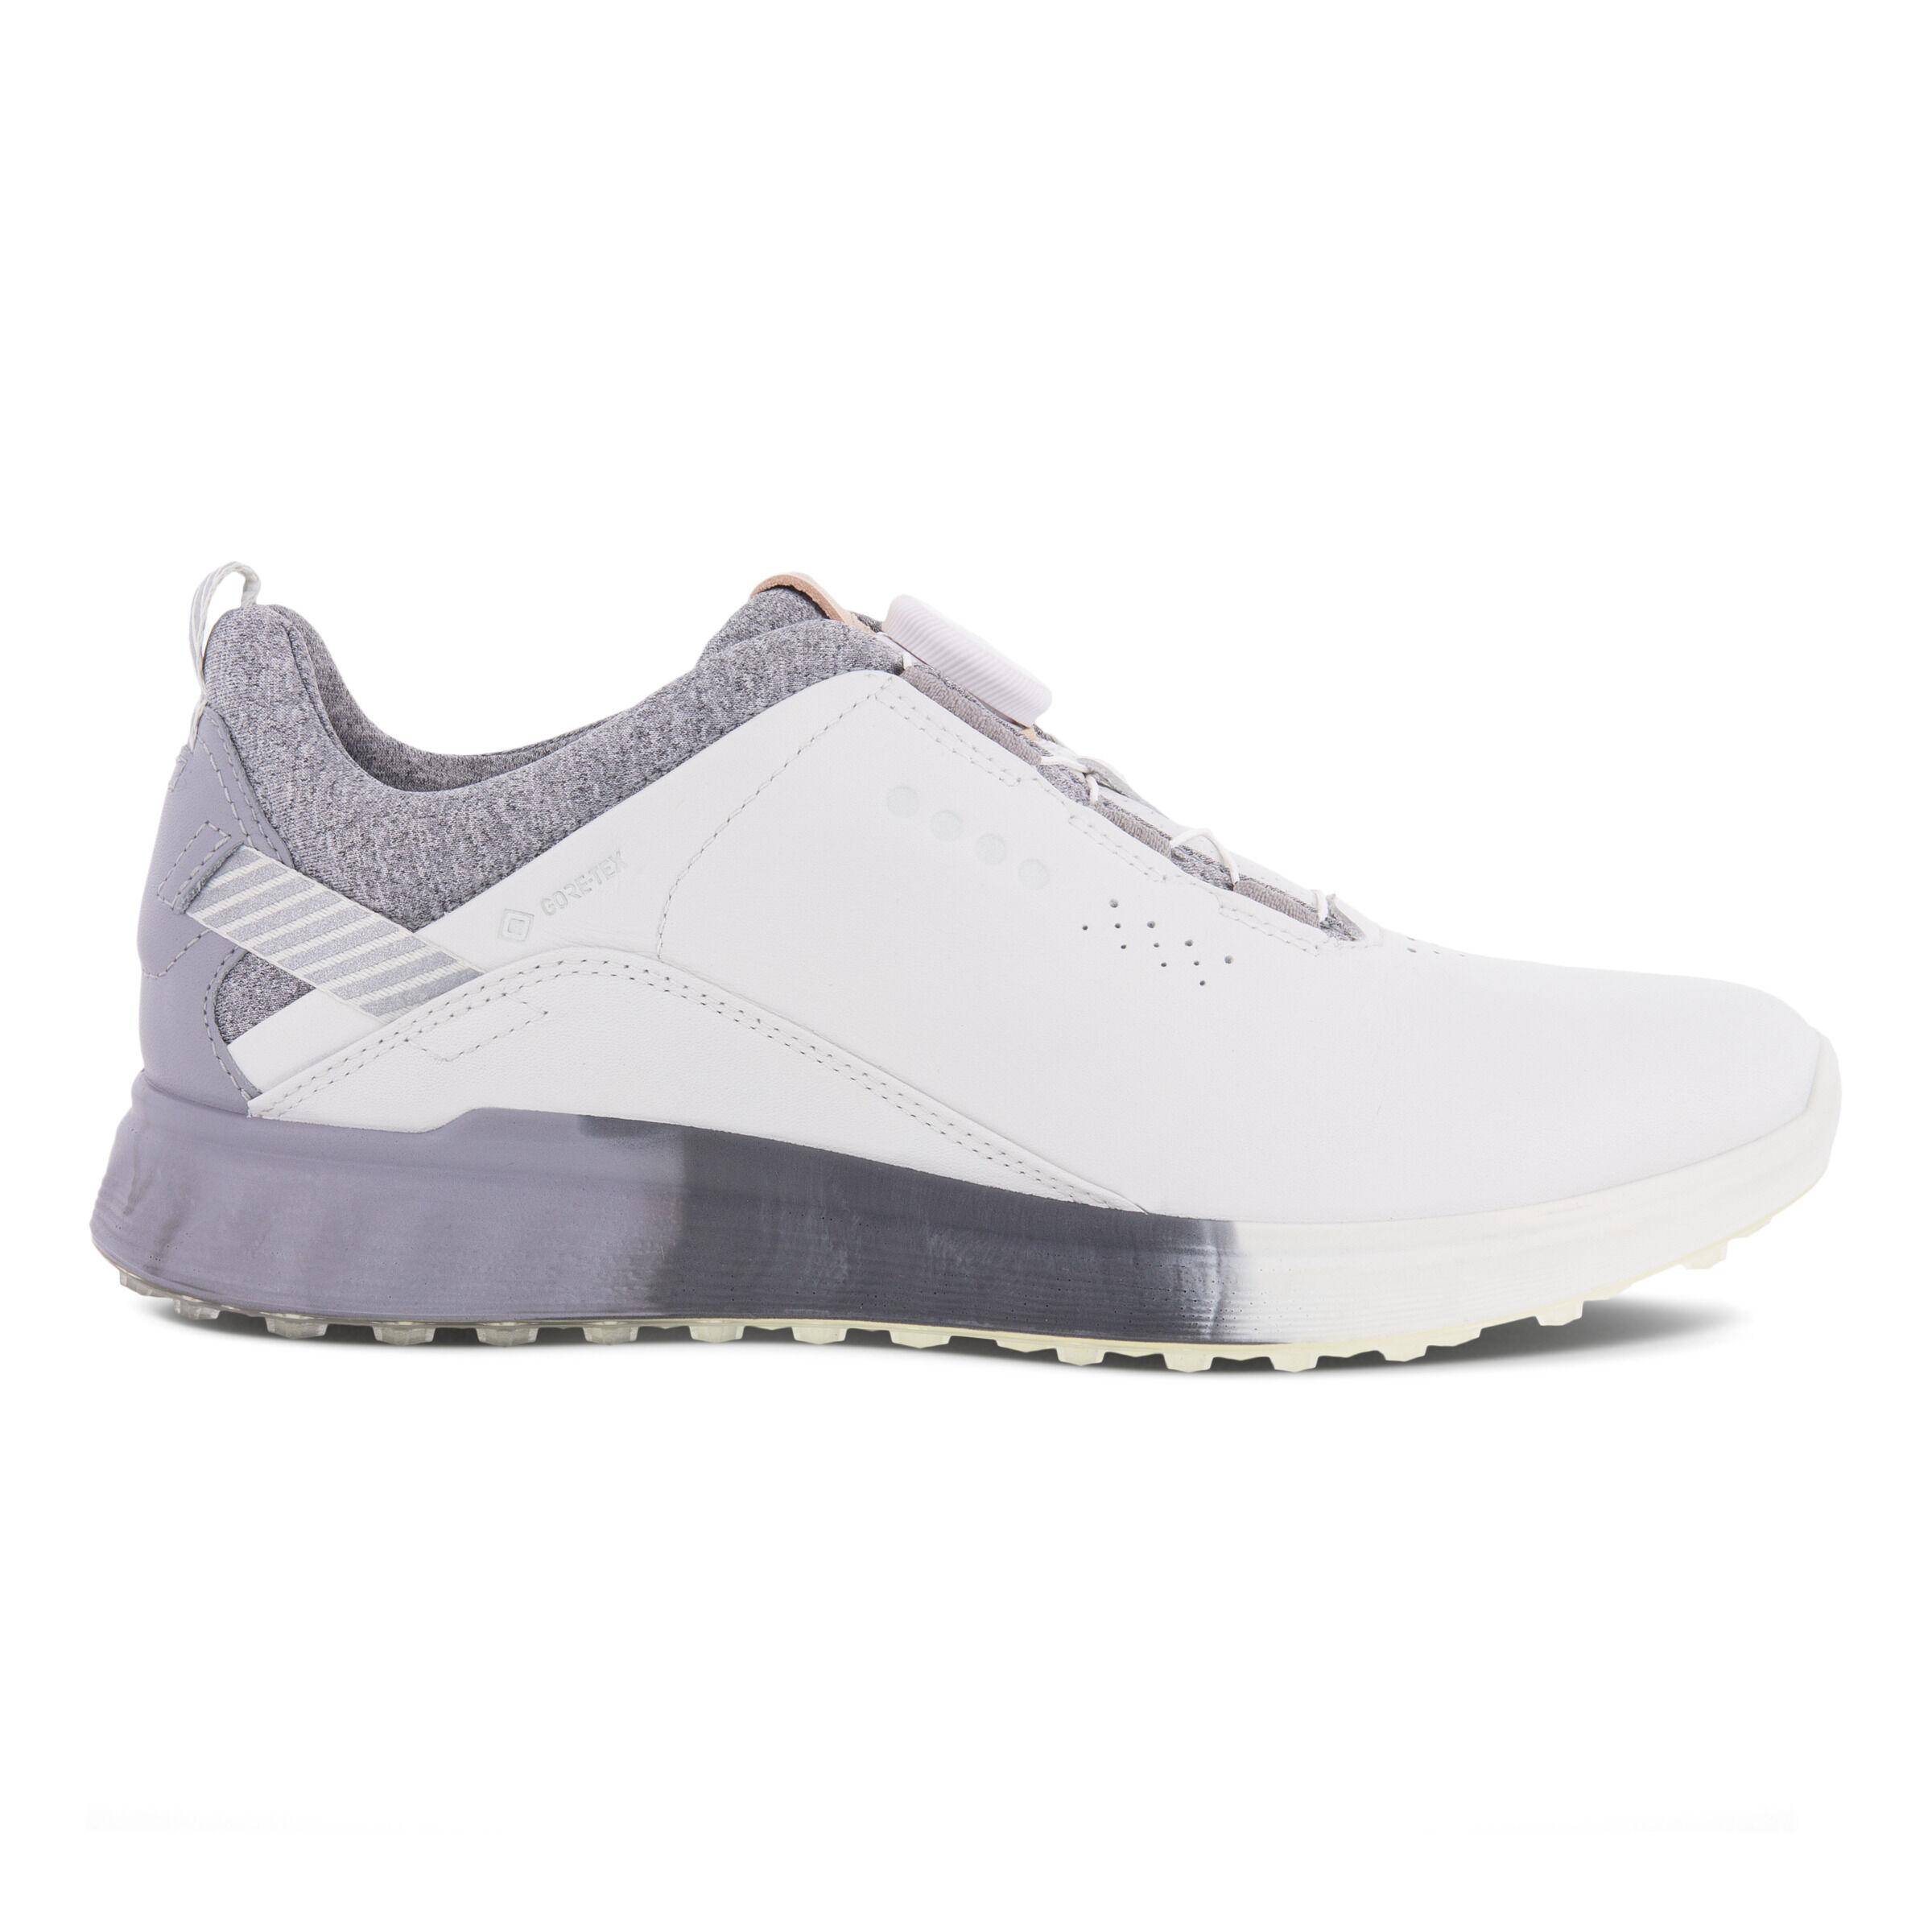 에코 우먼 골프화 ECCO Womens S-Three Boa Golf Shoes,WHITE/SILVER GREY